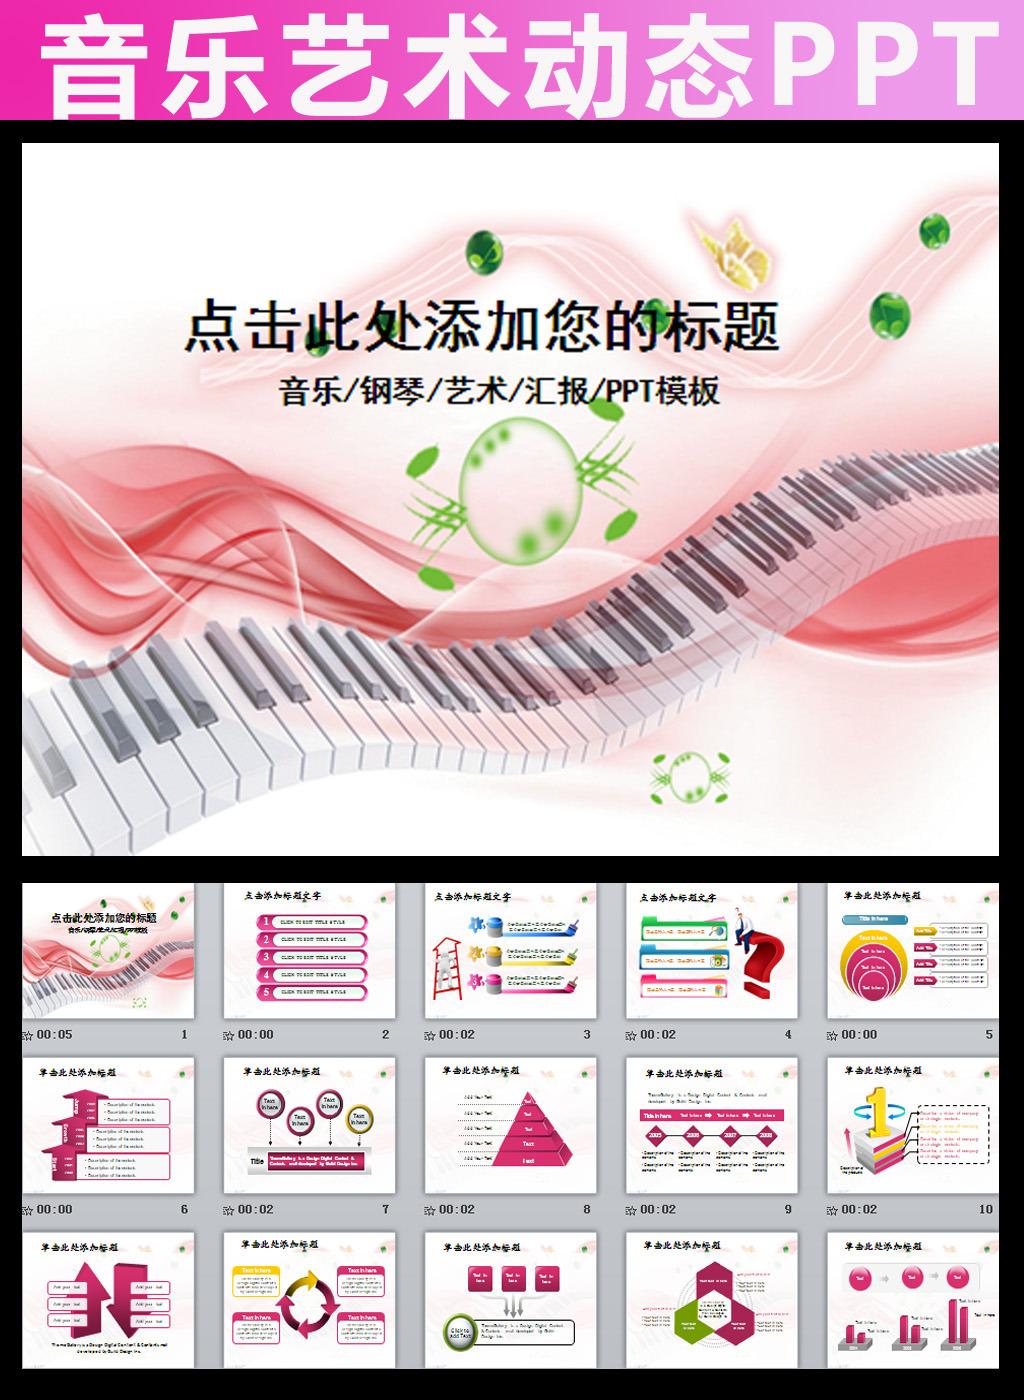 音乐艺术培训钢琴教学课件ppt模板模板下载